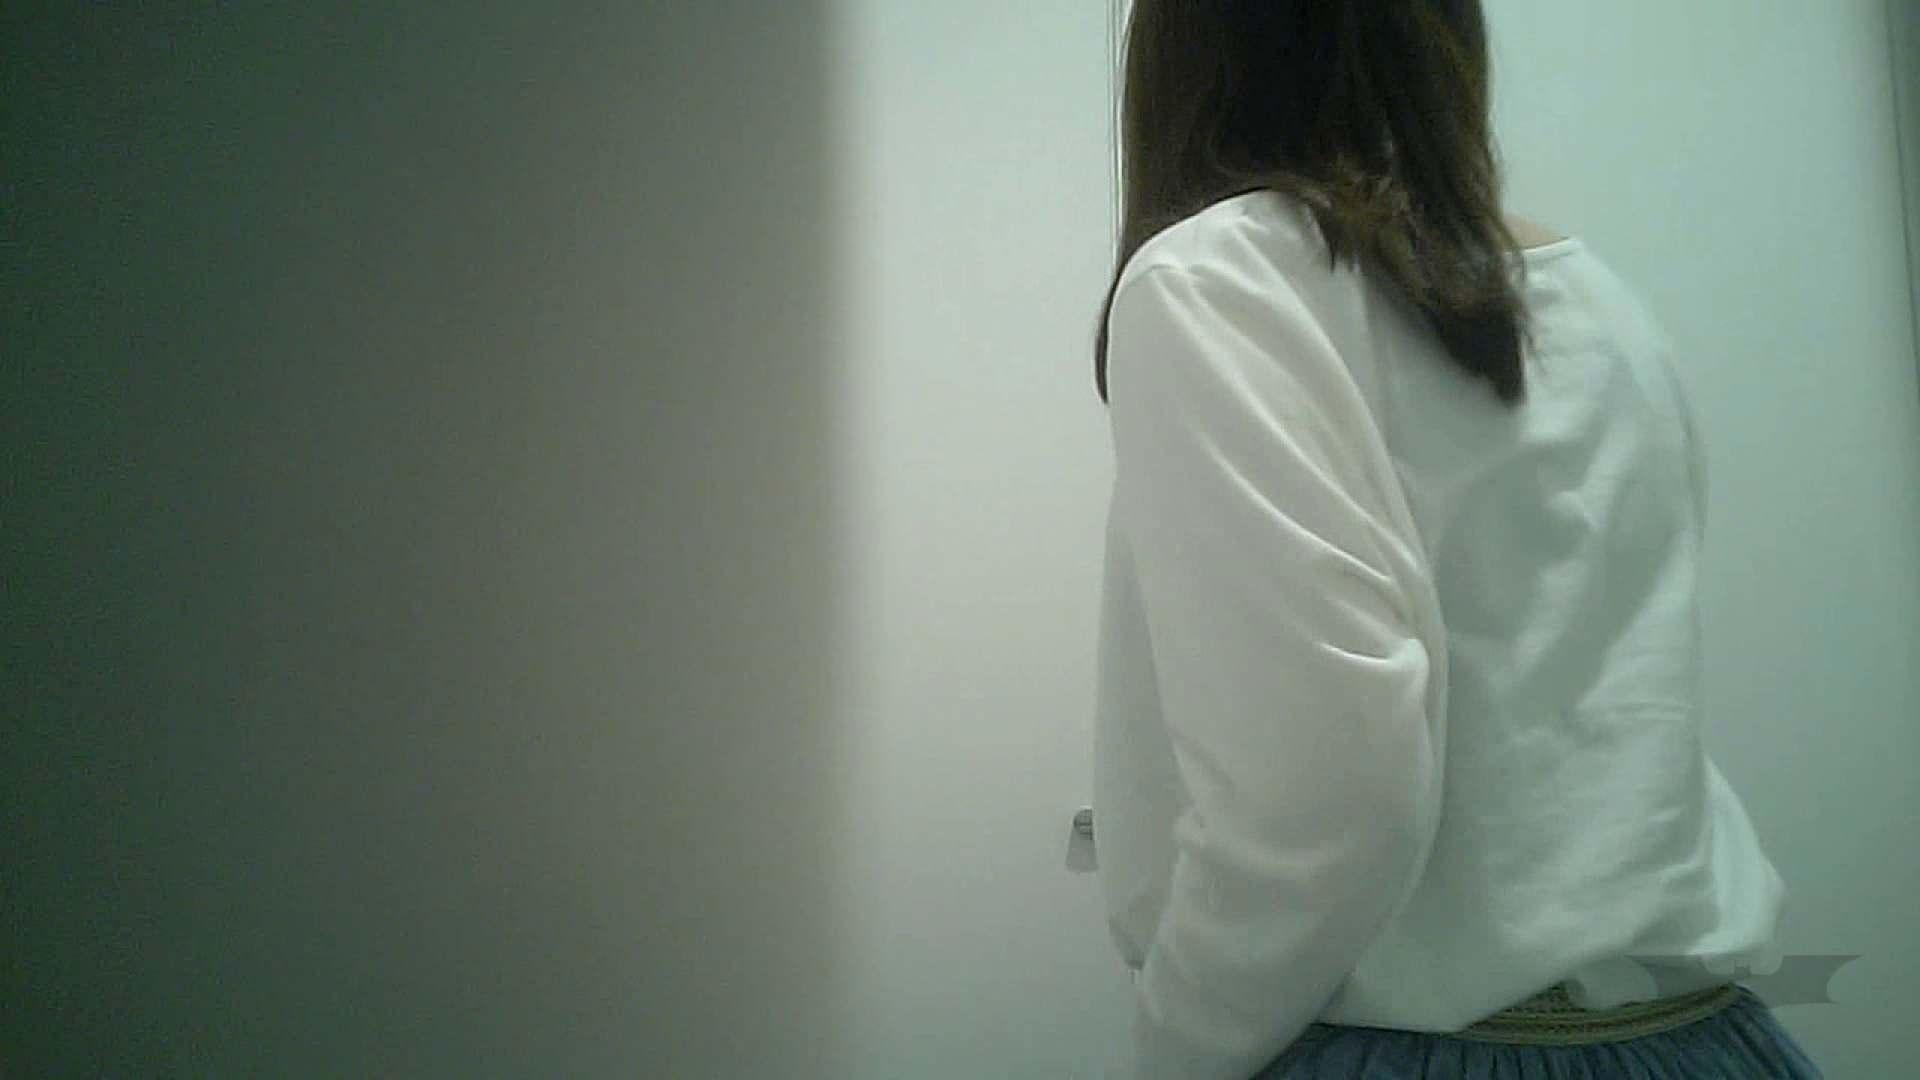 有名大学女性洗面所 vol.38 おやっ!お着替えシーンもいただきましたよ。 お姉さん攻略 アダルト動画キャプチャ 67画像 63